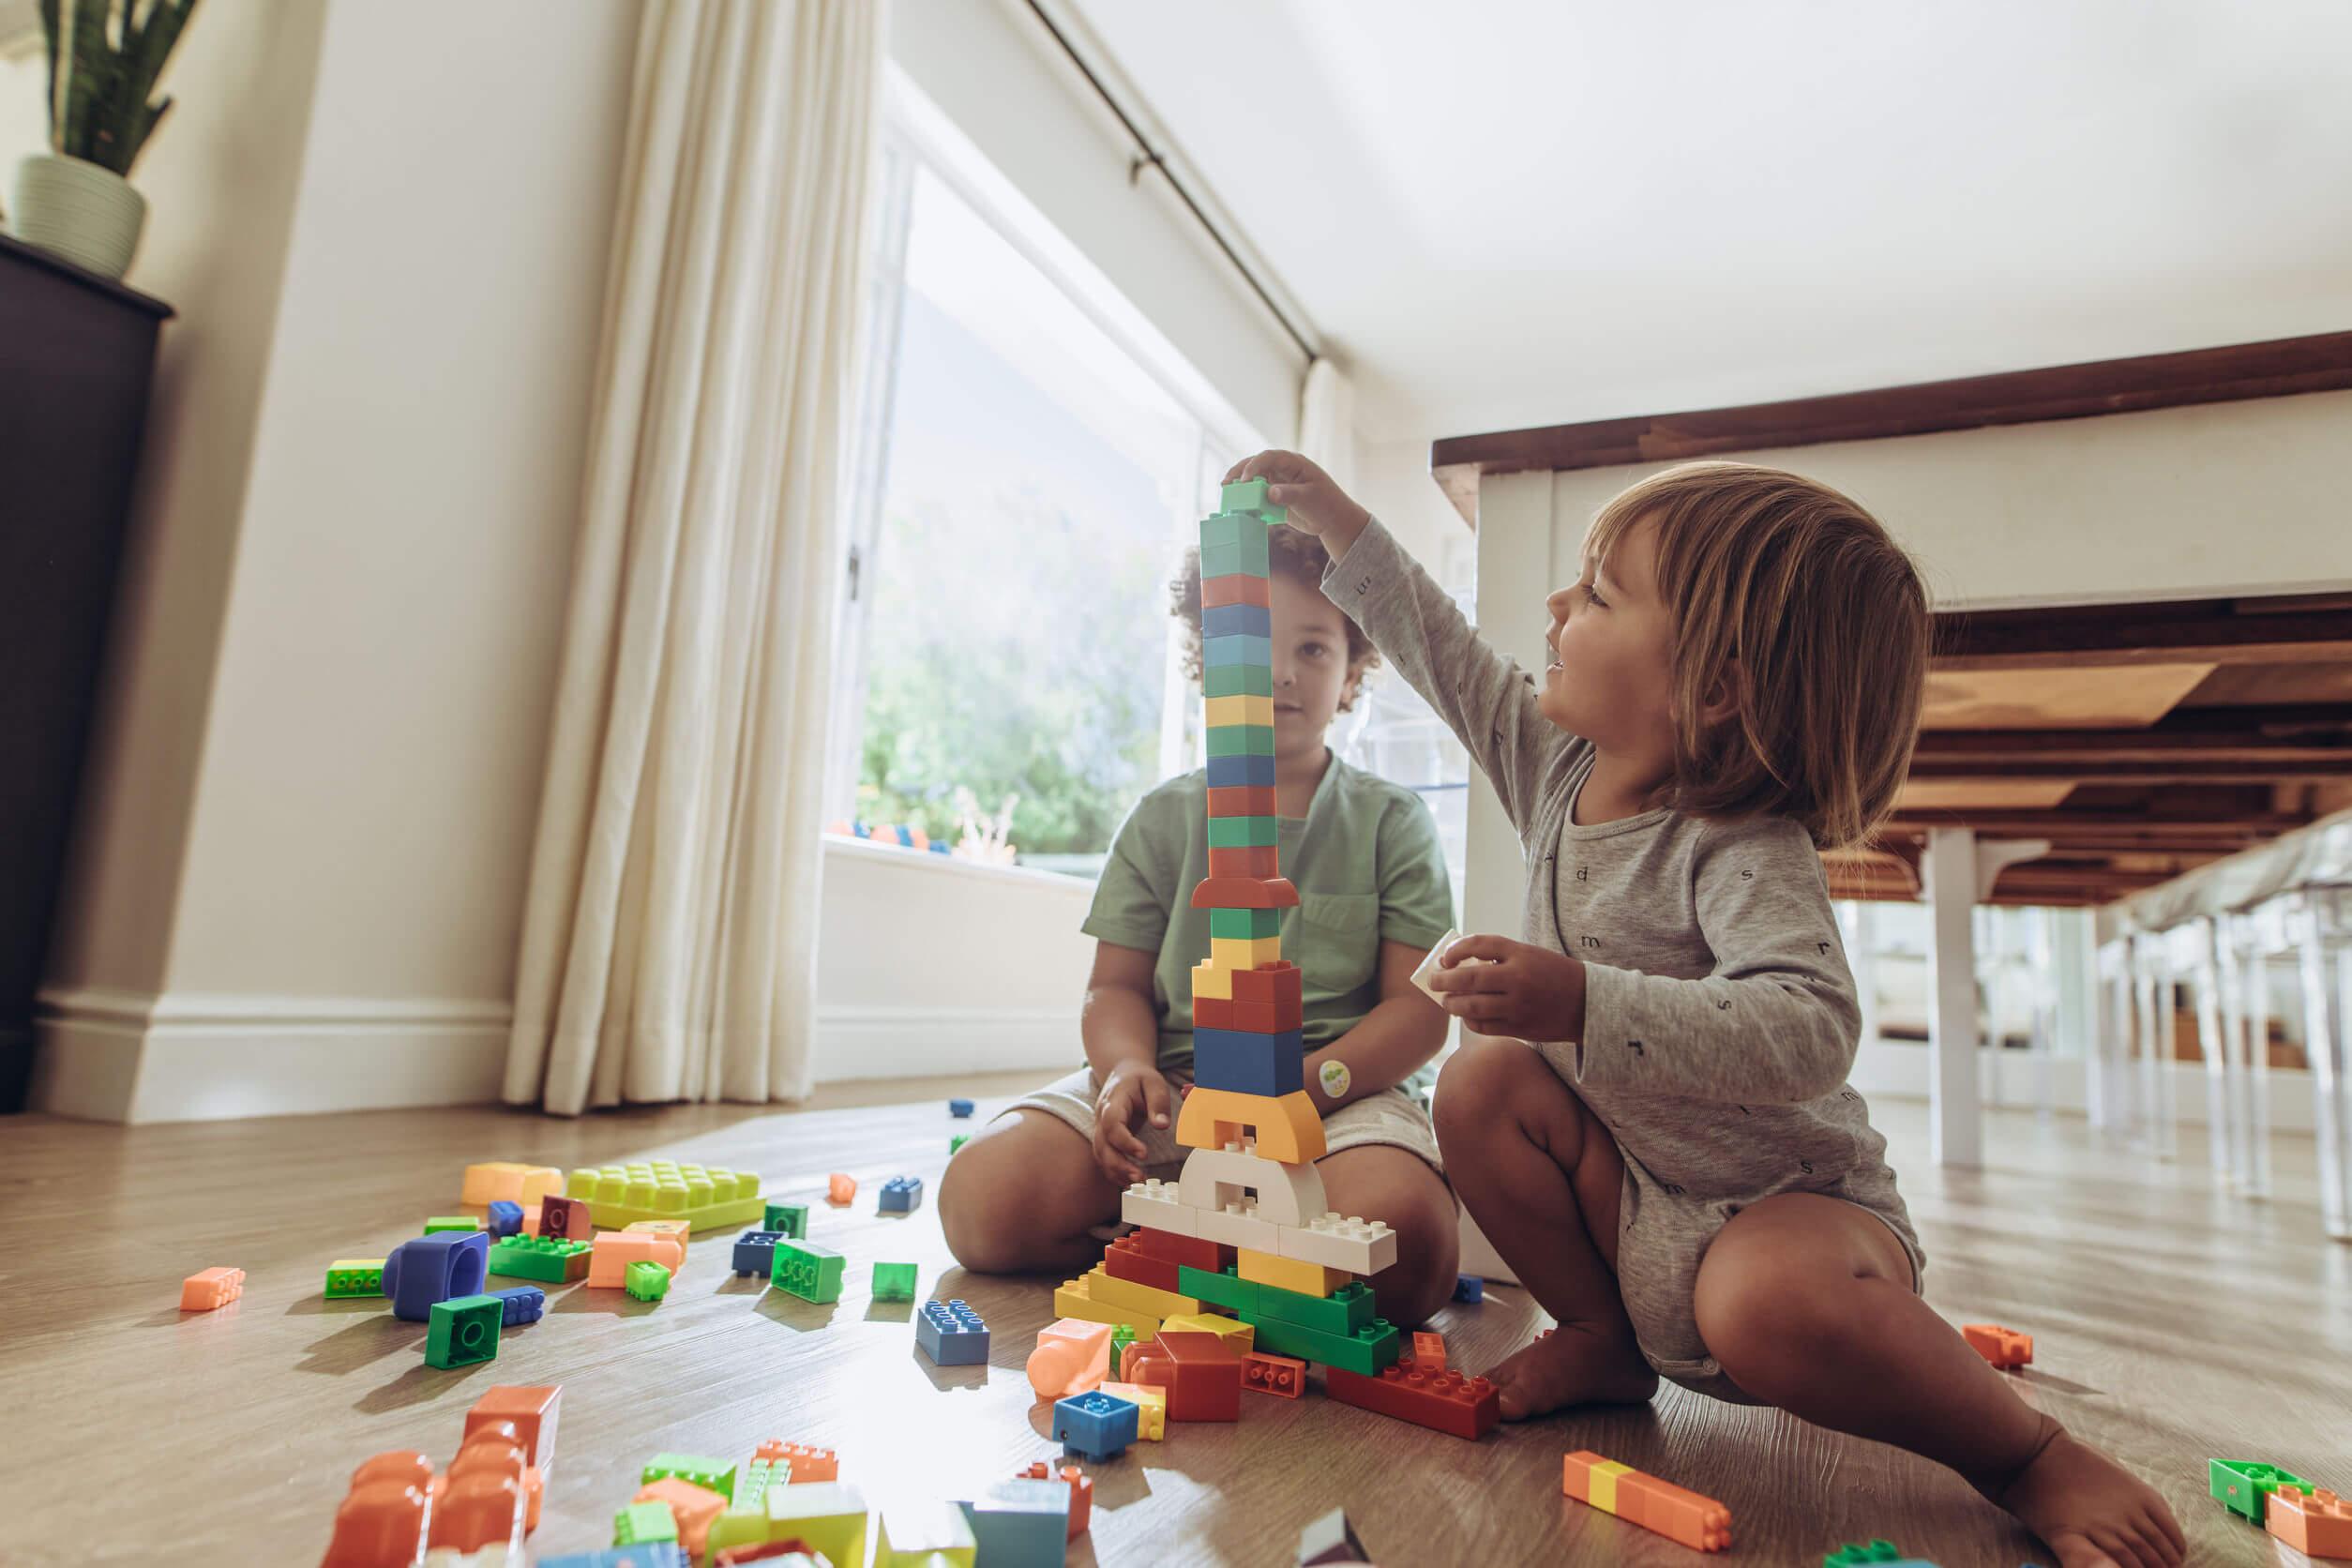 Des enfants qui jouent avec des pièces LEGO.